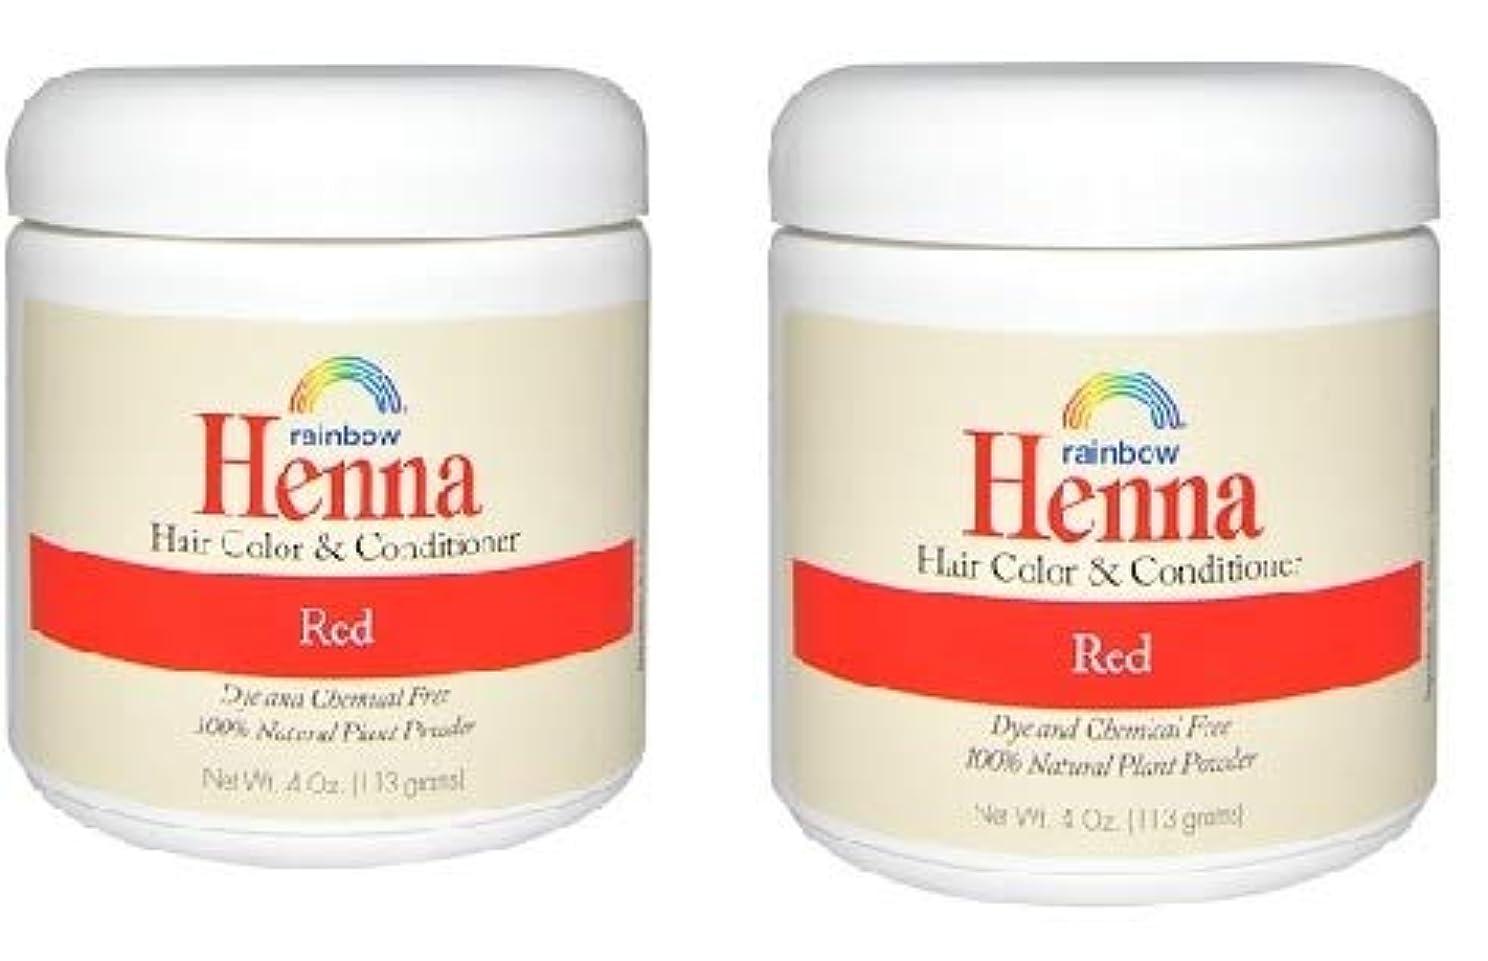 ランタン神秘対話【ハワイ直送】2個セット 100% オーガニック ヘナ/ヘンナ レッド 113グラム 【2pk】 Rainbow Research, Henna, 100% Botanical Hair Color and Conditioner...